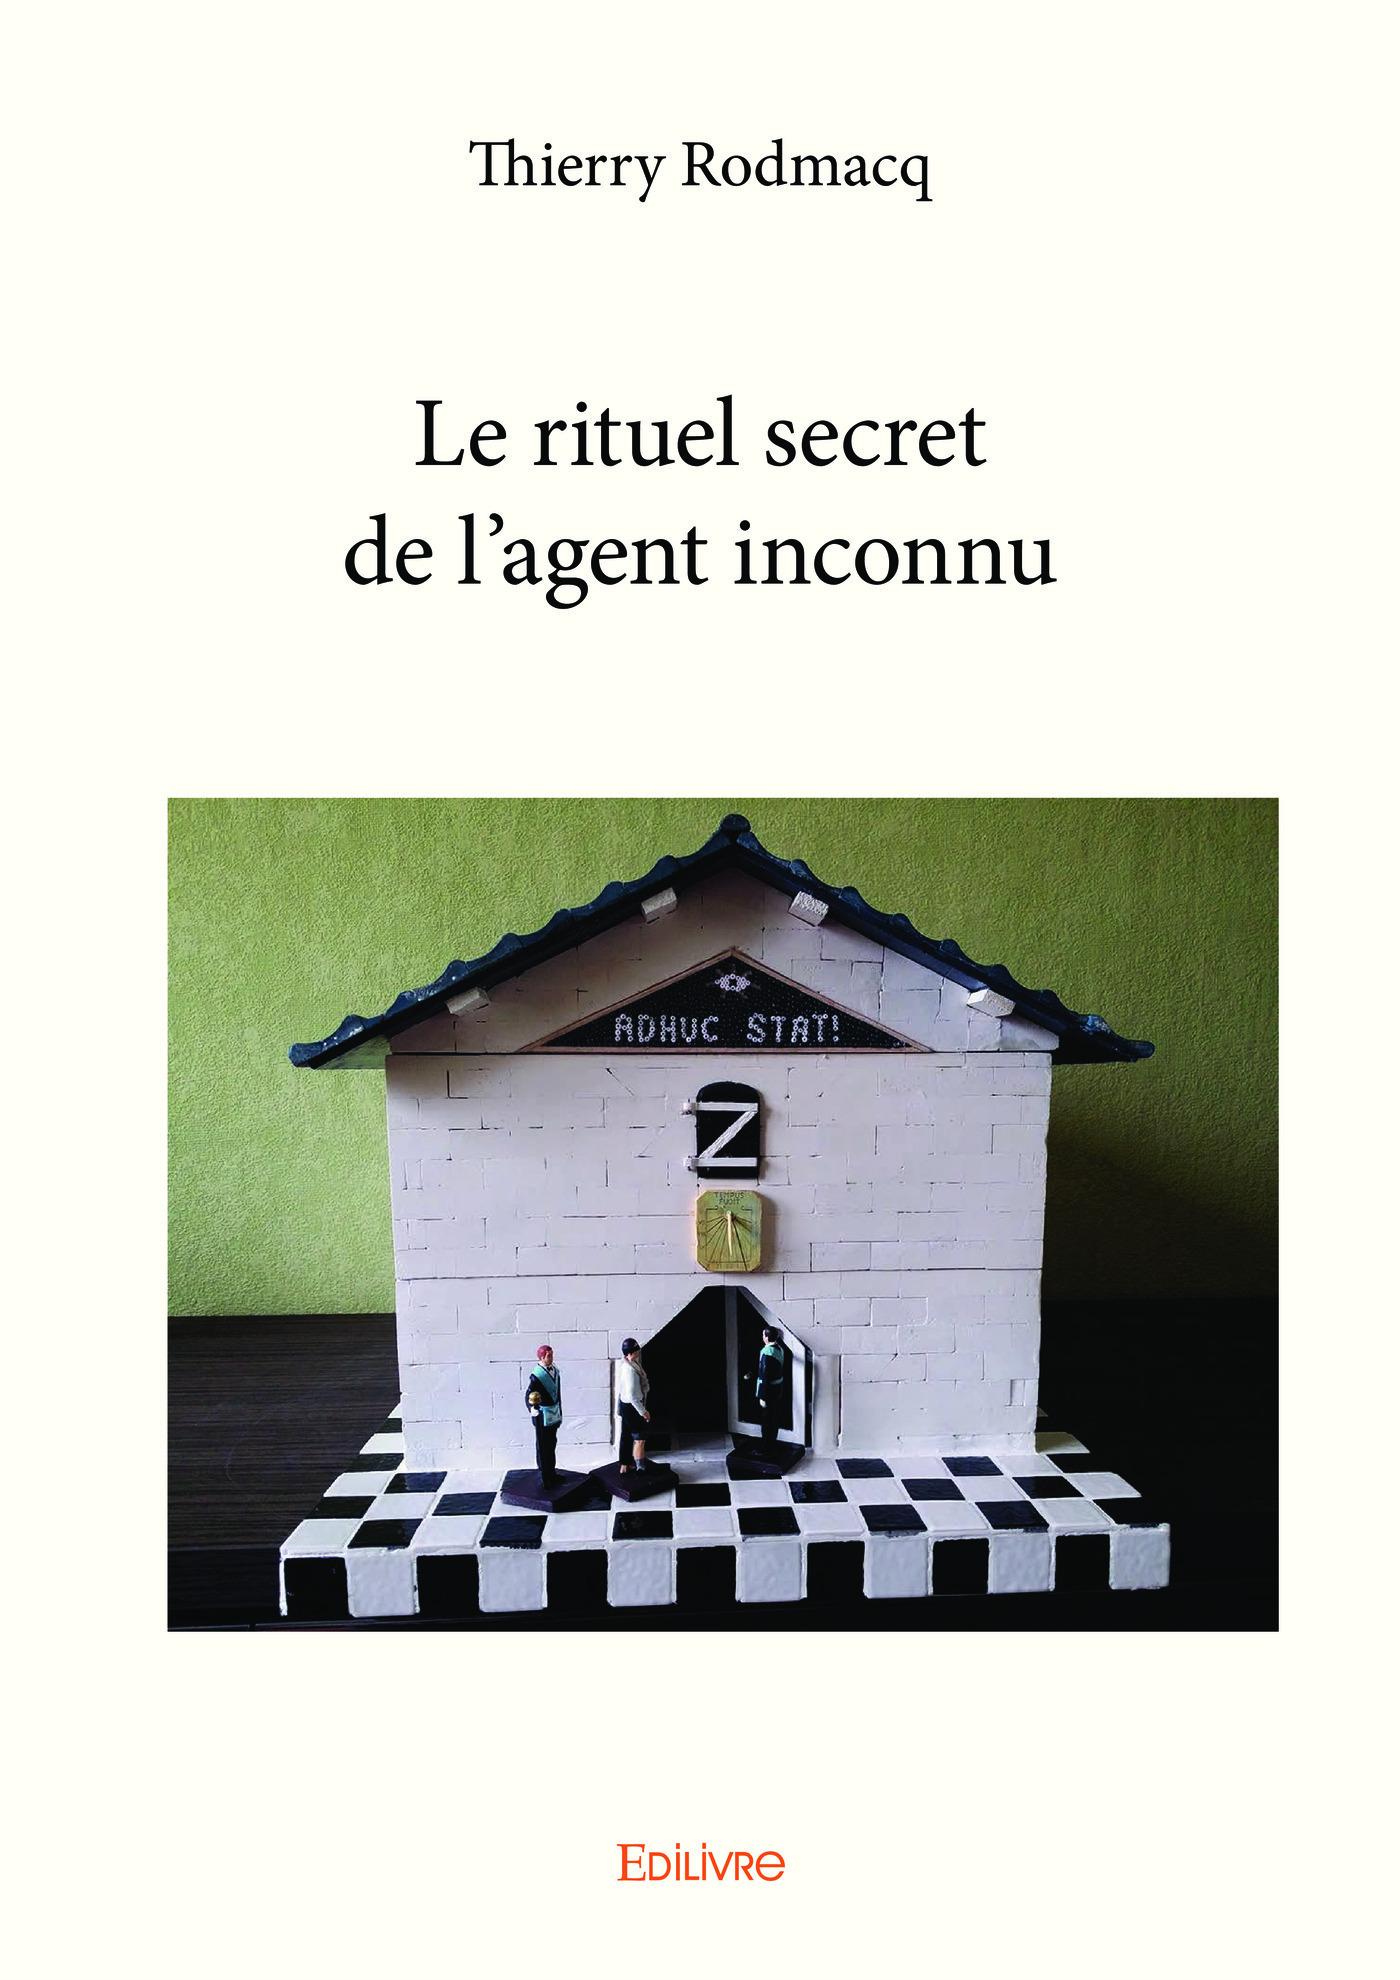 Le rituel secret de l´agent inconnu  - Thierry Rodmacq